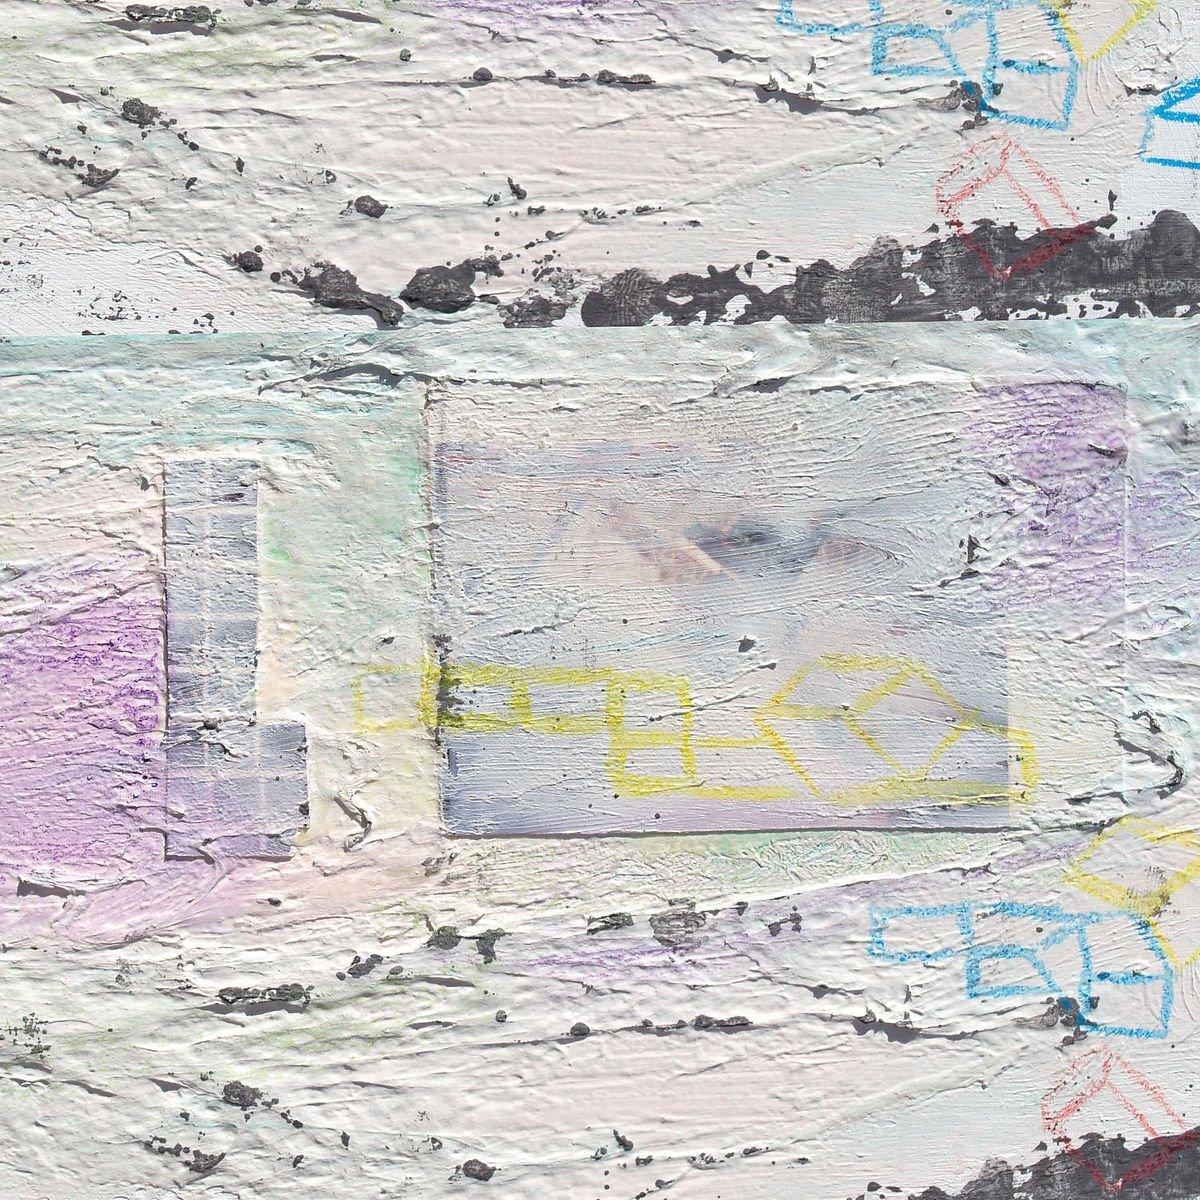 Broken Social Scene: Hug Of Thunder [Album Review]